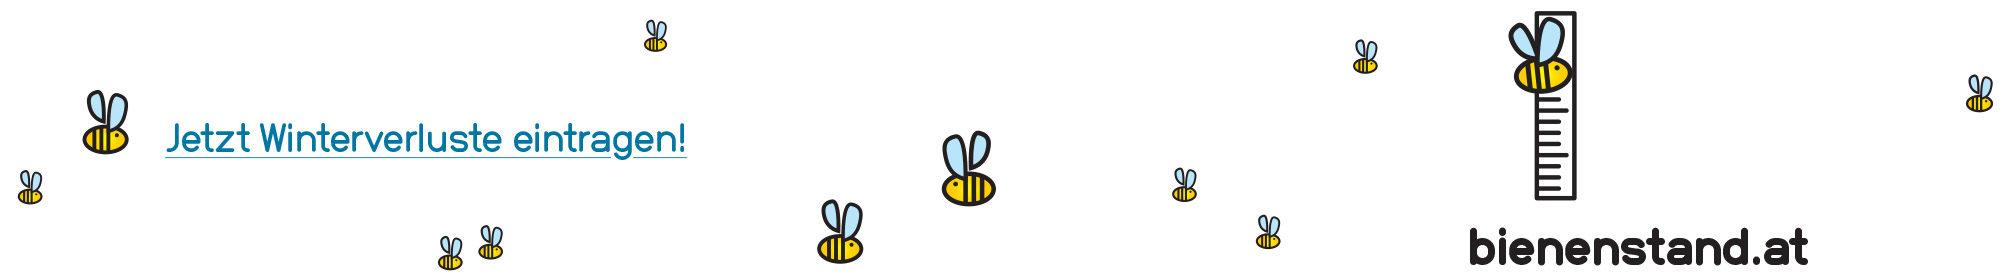 Bienenstand.at